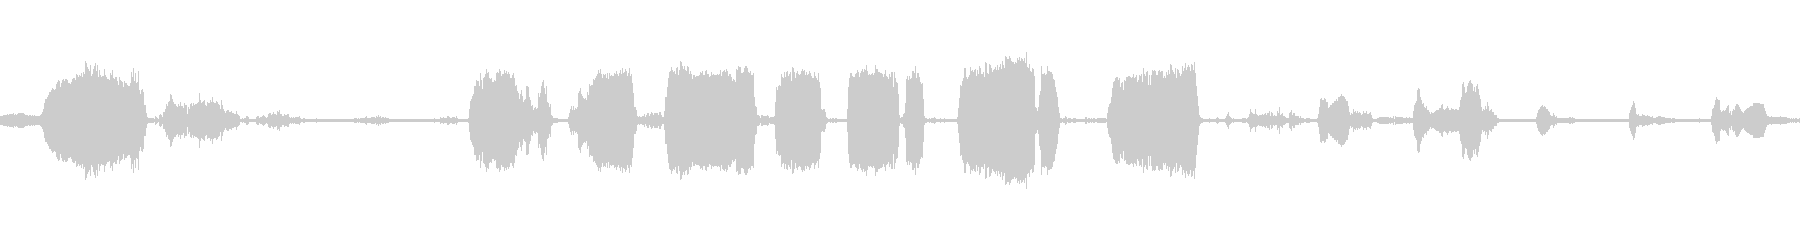 ベビーベア、スクリームアンドクライ...の未再生の波形